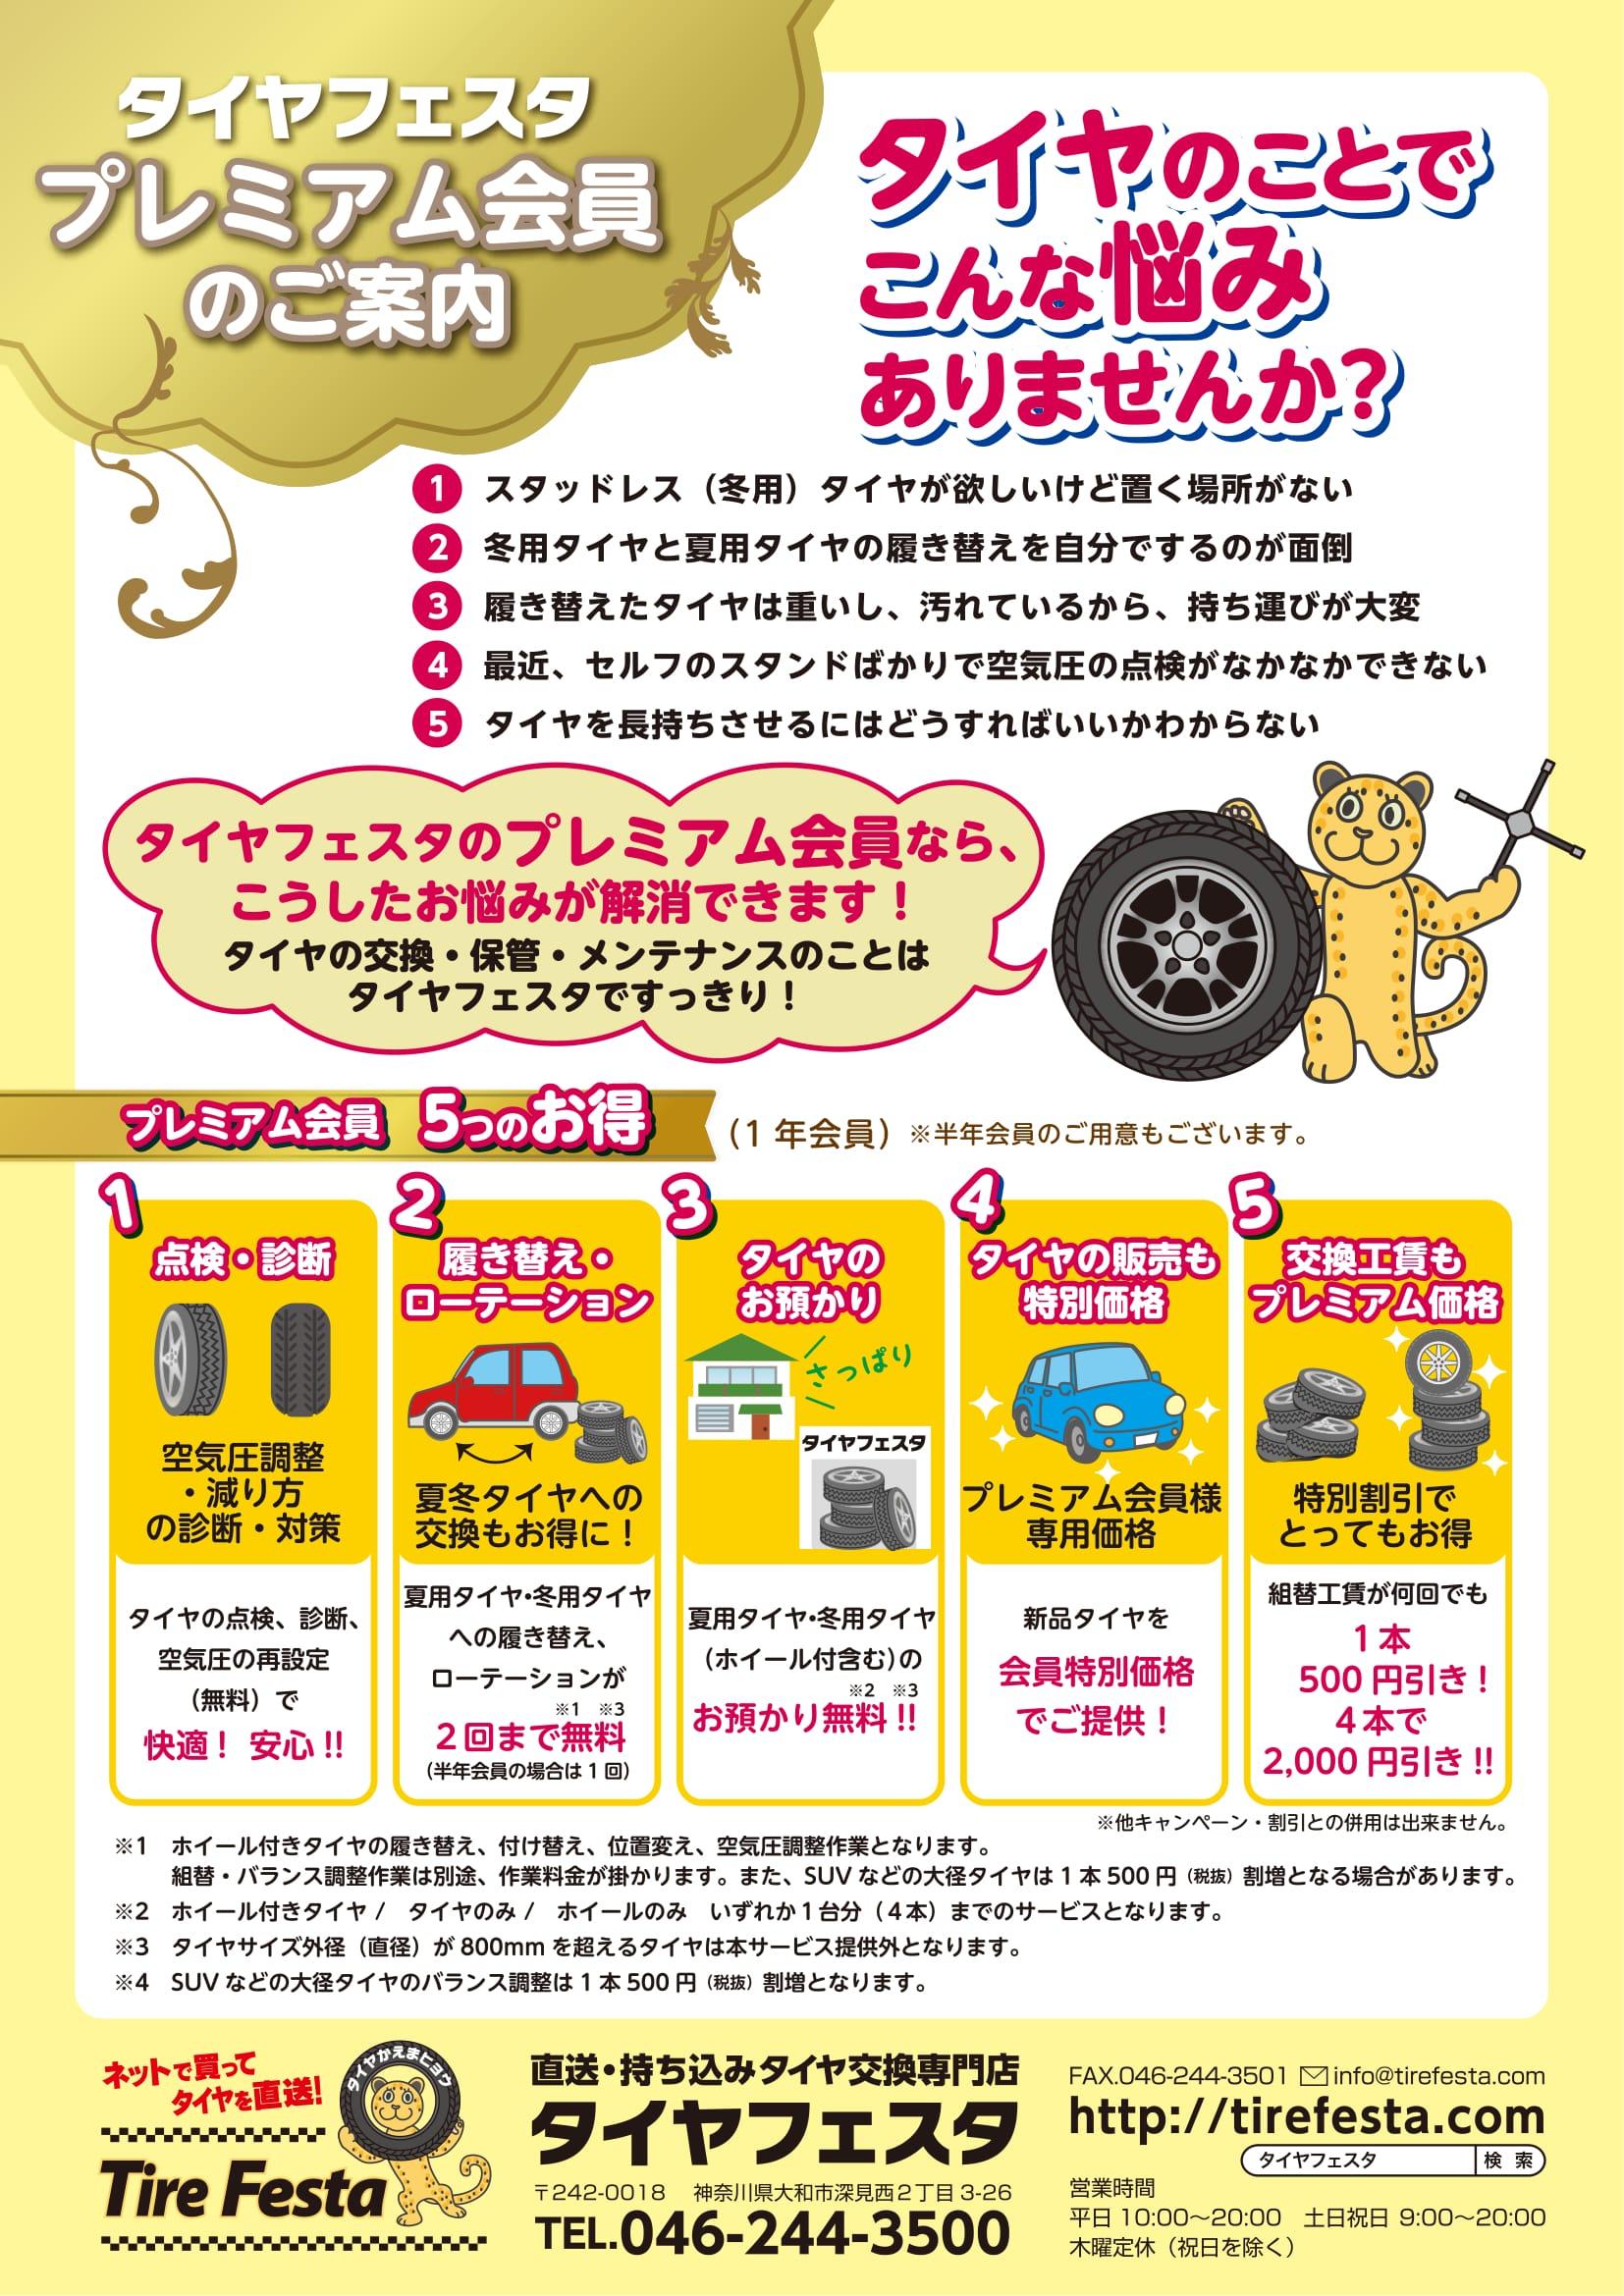 <ご利用方法>タイヤの保管はしてもらえますか?